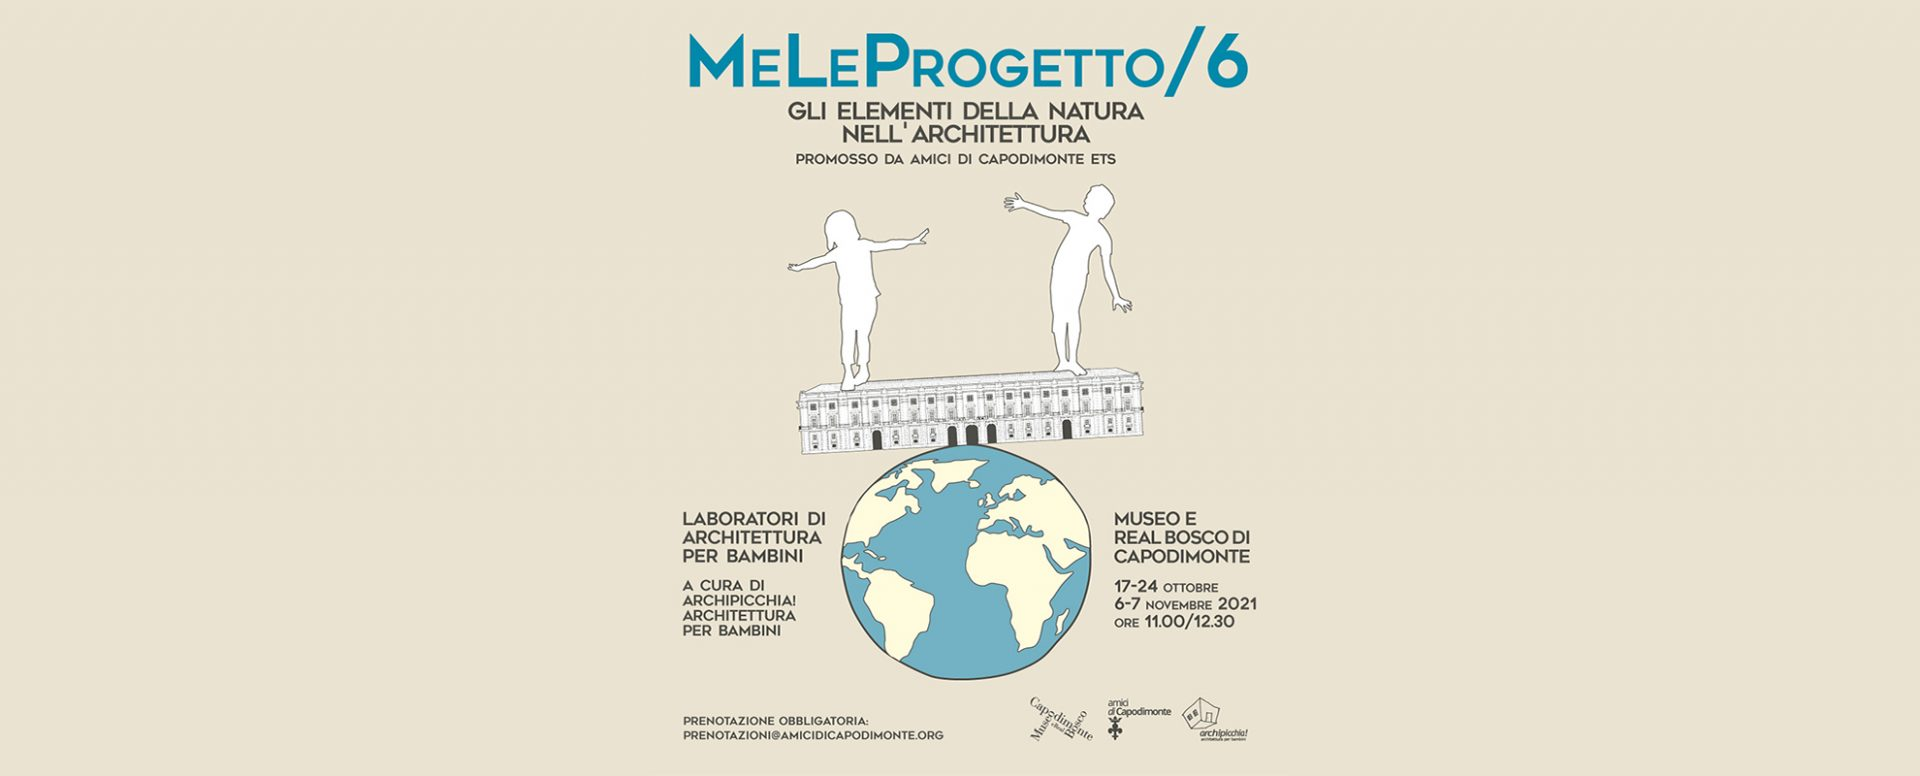 MeLe Progetto/6